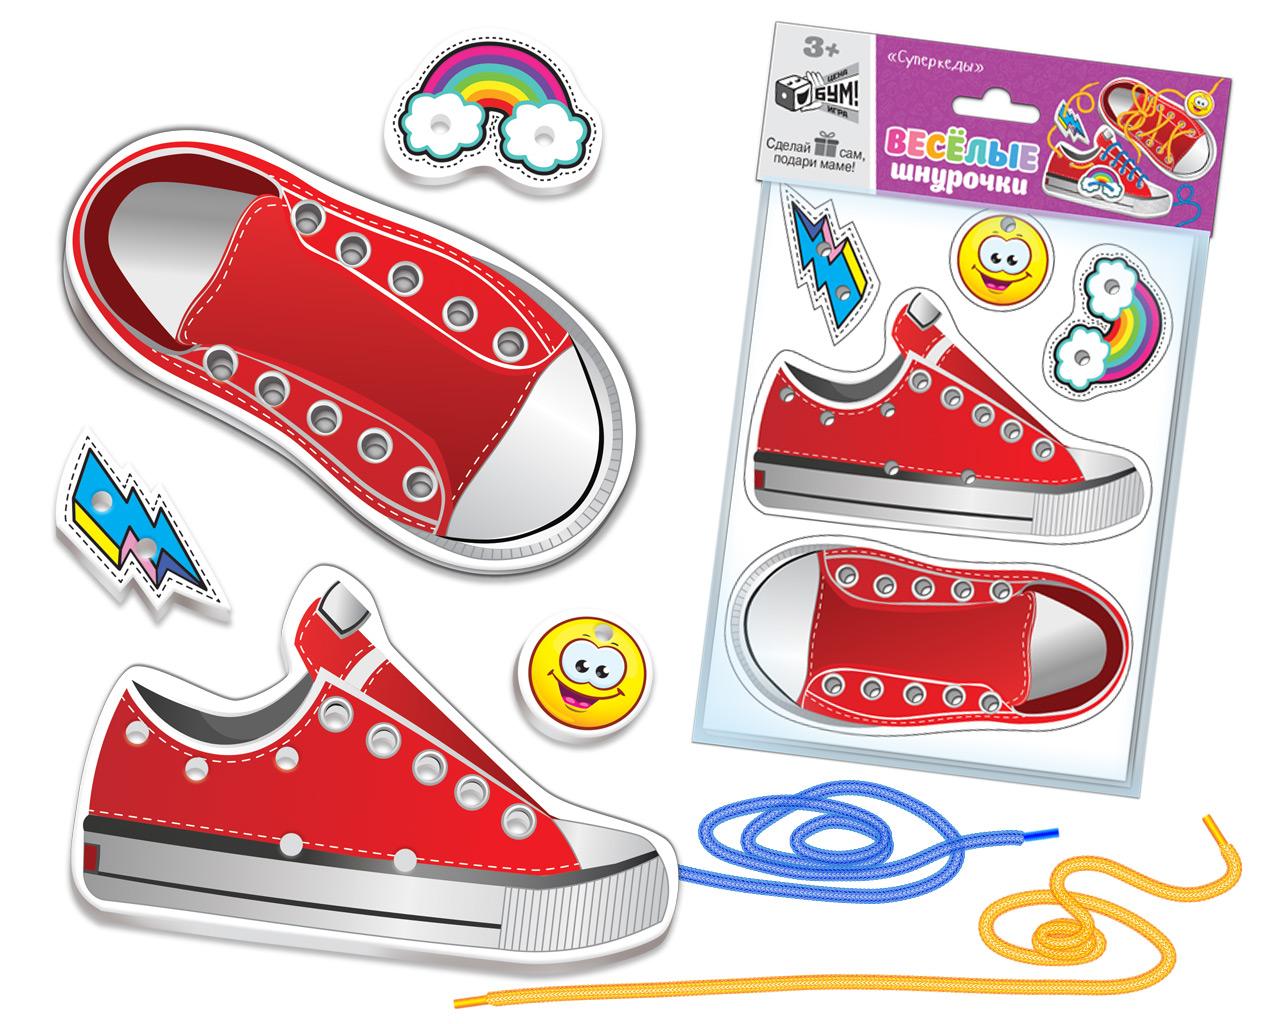 Купить РУССКИЙ СТИЛЬ Веселые шнурочки Супер-кеды 3235, Русский стиль,